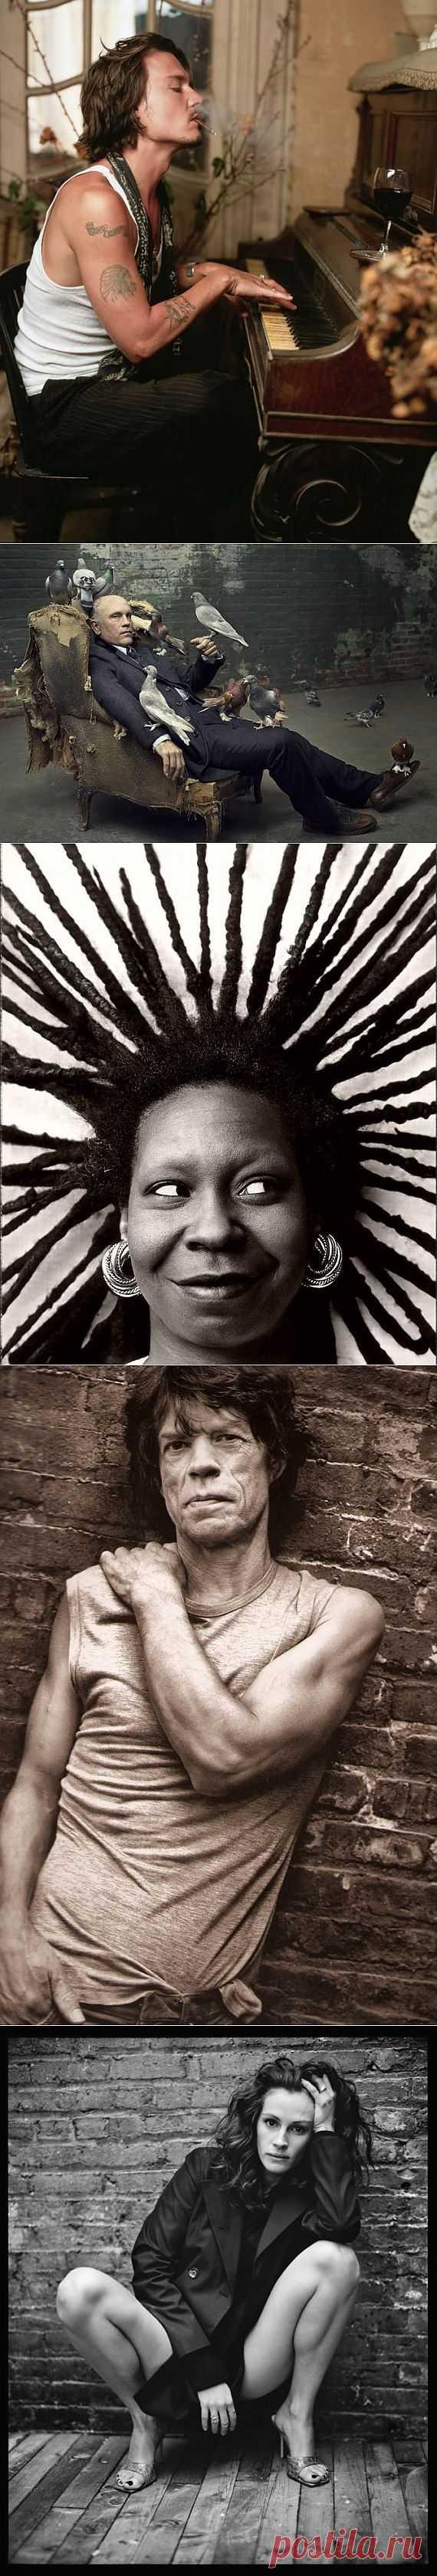 Человечные портреты знаменитостей